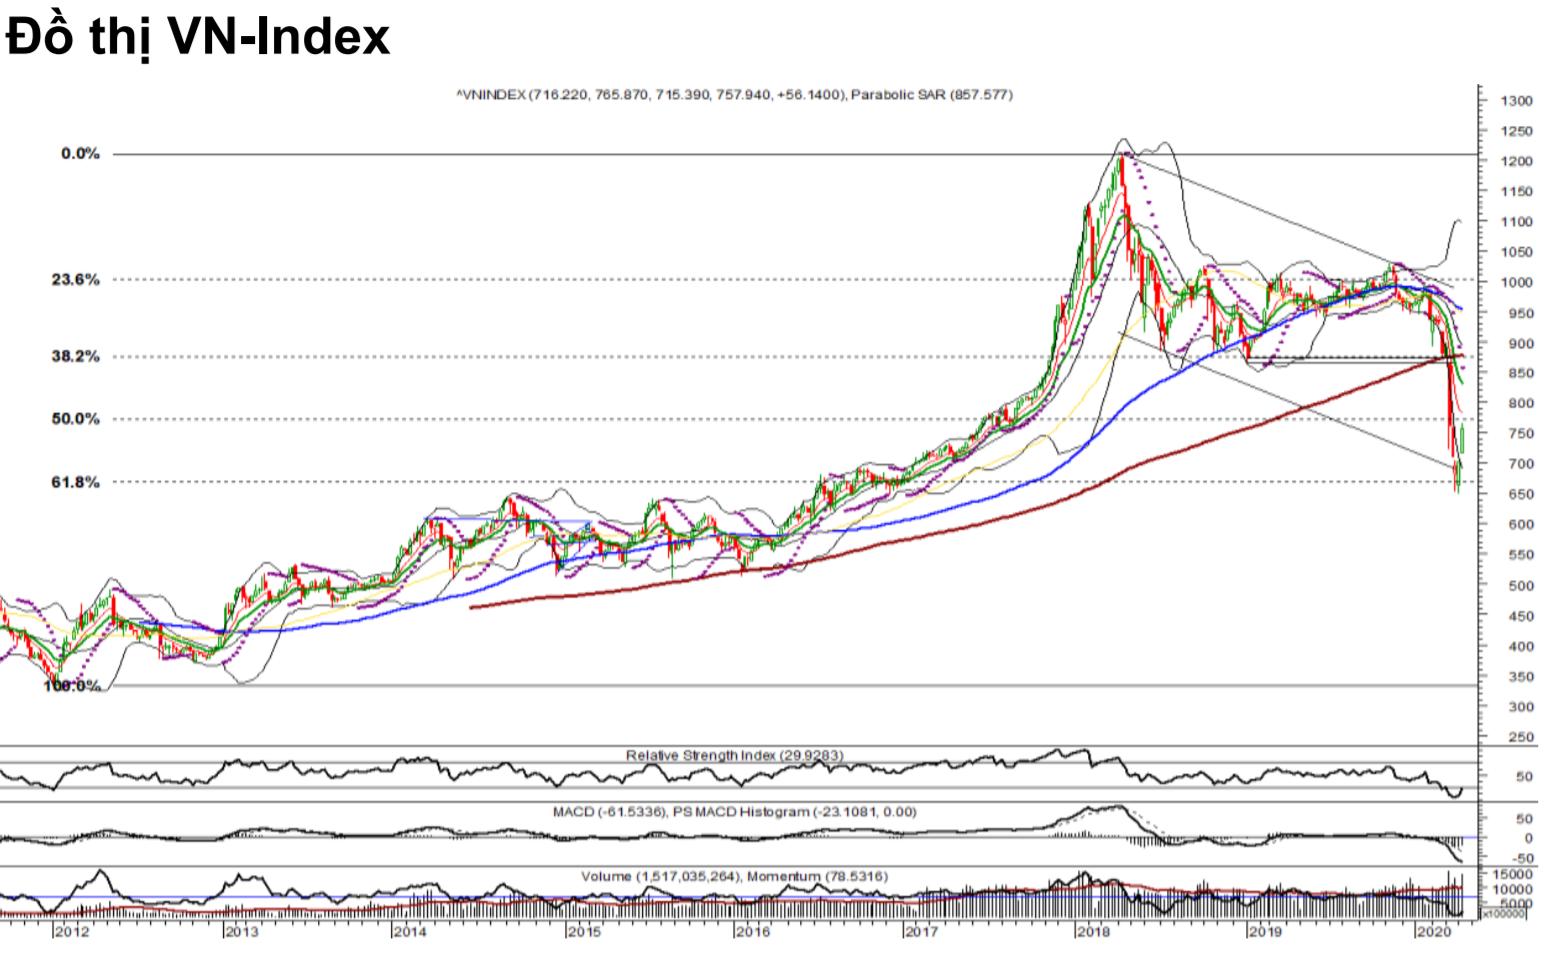 Nhận định thị trường chứng khoán tuần 13 - 17/4: Áp lực chốt lời và giằng co trong vùng 730 - 780 điểm - Ảnh 1.